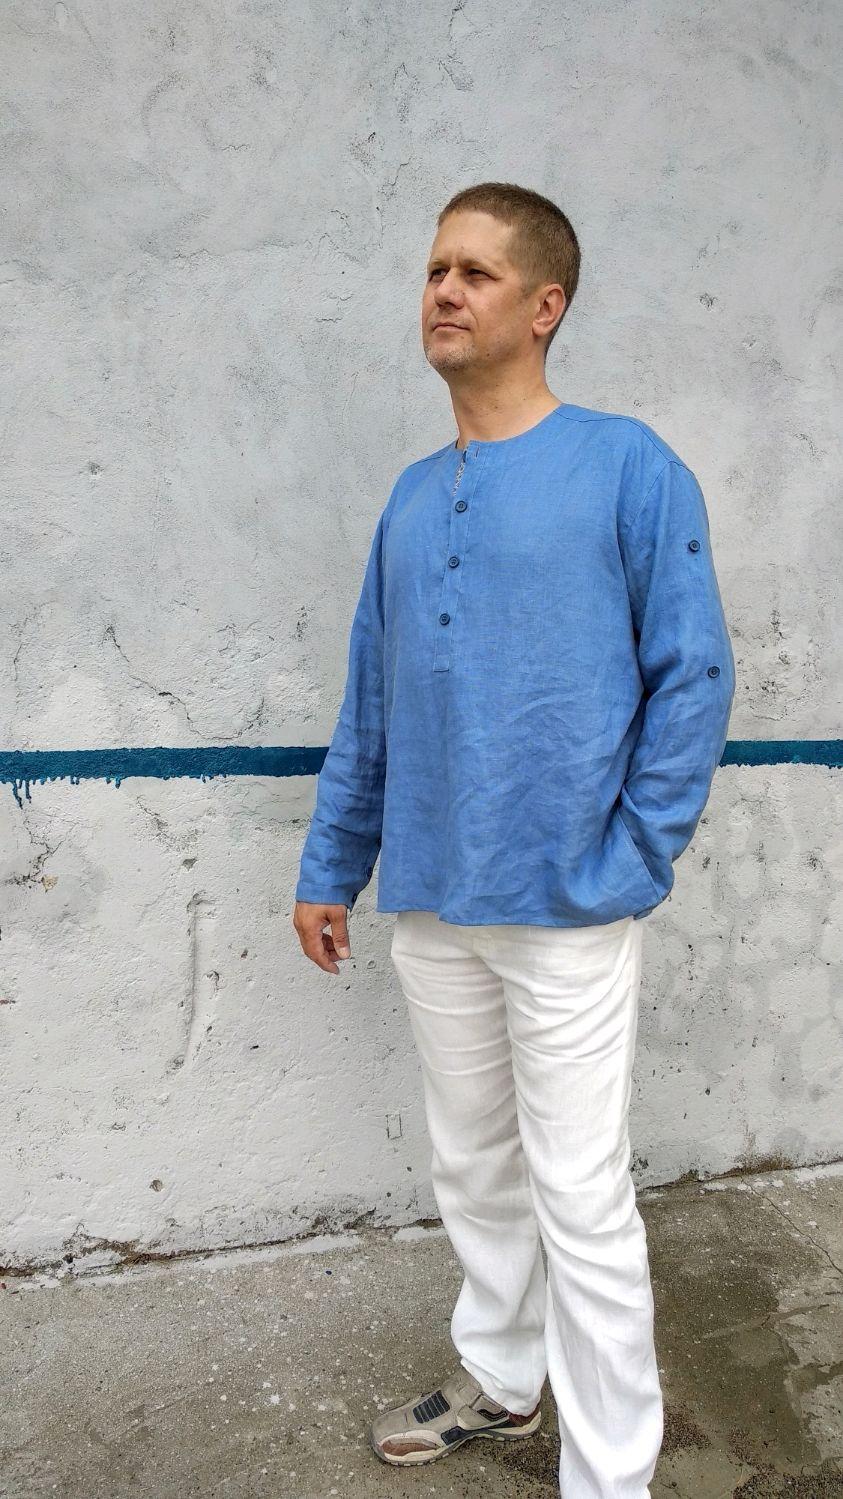 Мужская рубашка из льна без воротника с длинным рукавом, Рубашки мужские, Новороссийск,  Фото №1